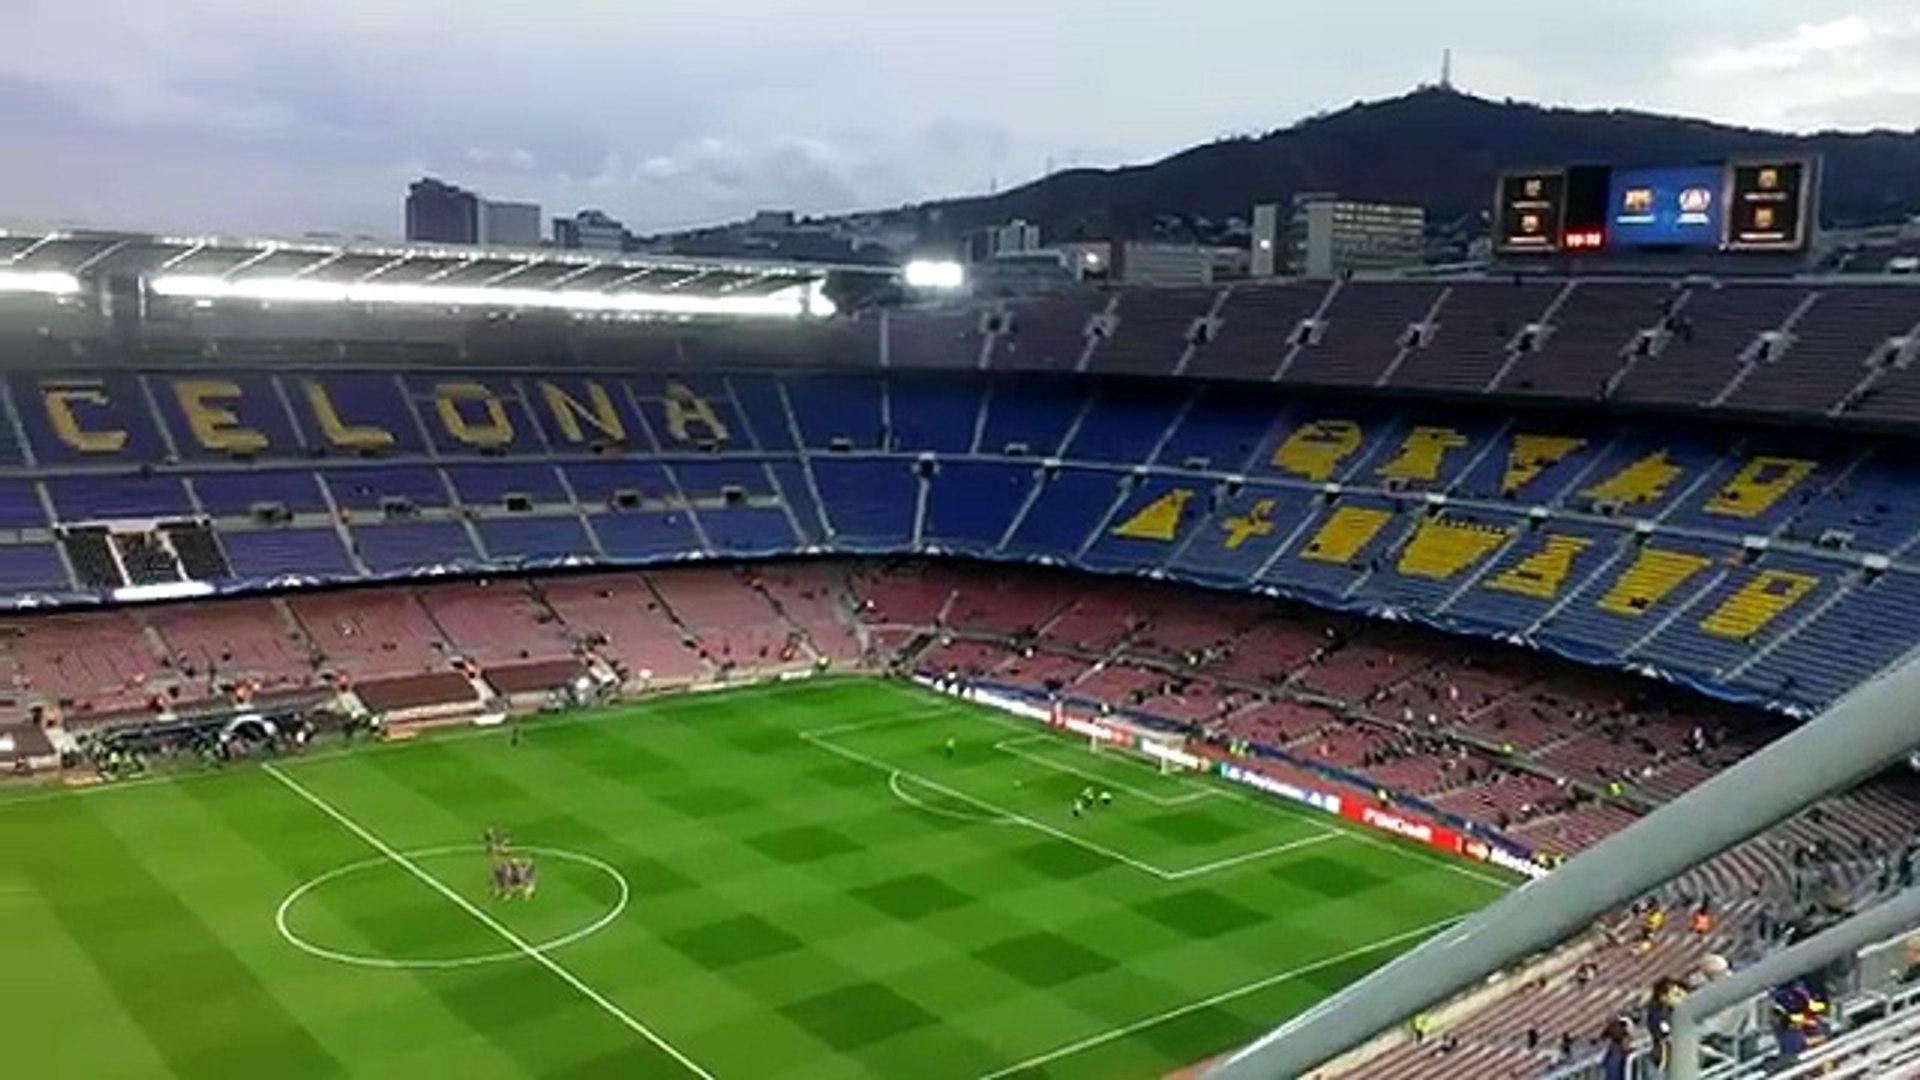 Обзор матча Барселона - Лас Пальмас на Камп Ноу от 26.09.2015